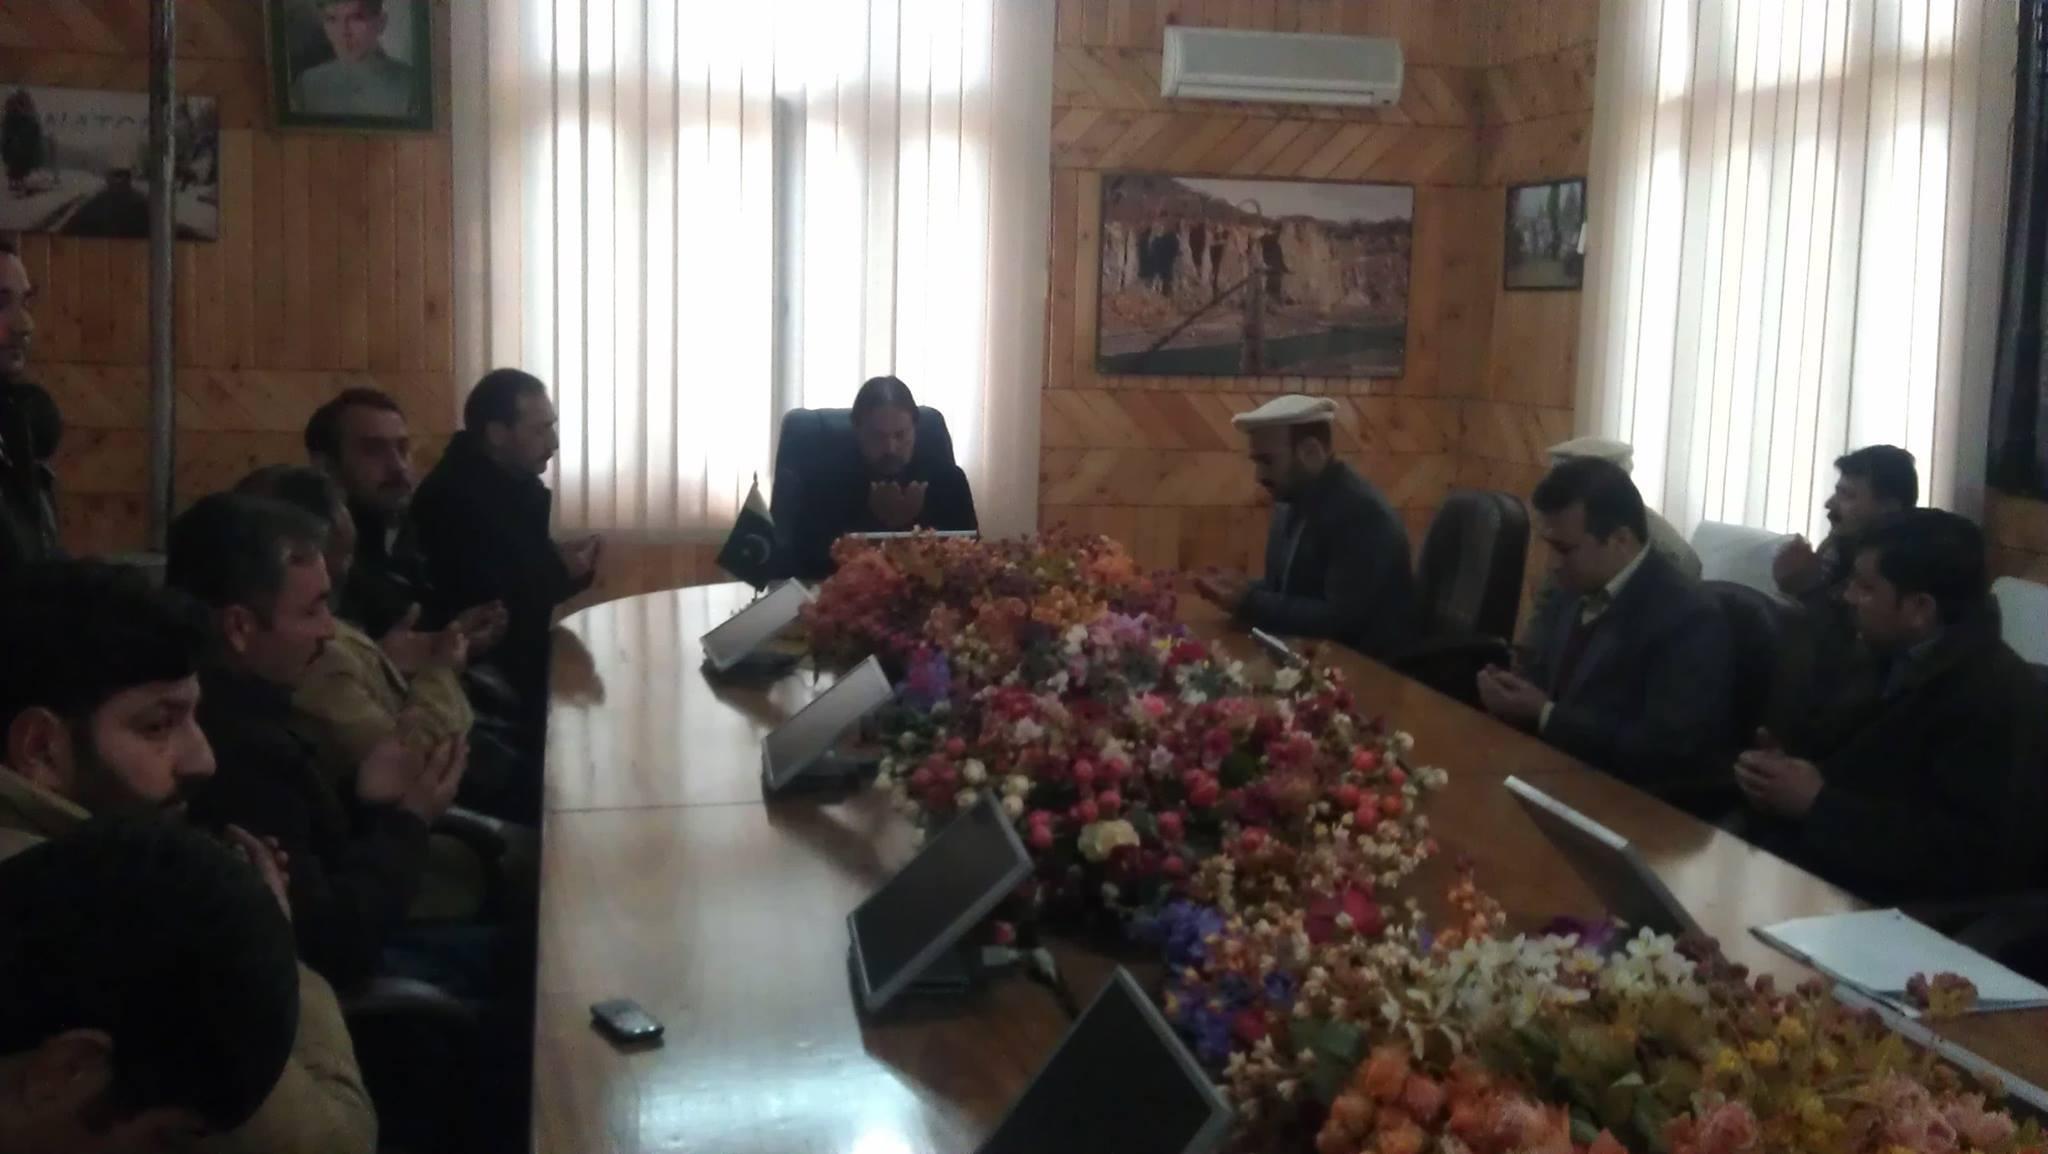 سانحہ پشاور اور شکارپور کے متاثرین کے لئے نیٹکو کے مرکزی دفتر میں دعائیہ تقریب منعقد کی گئی